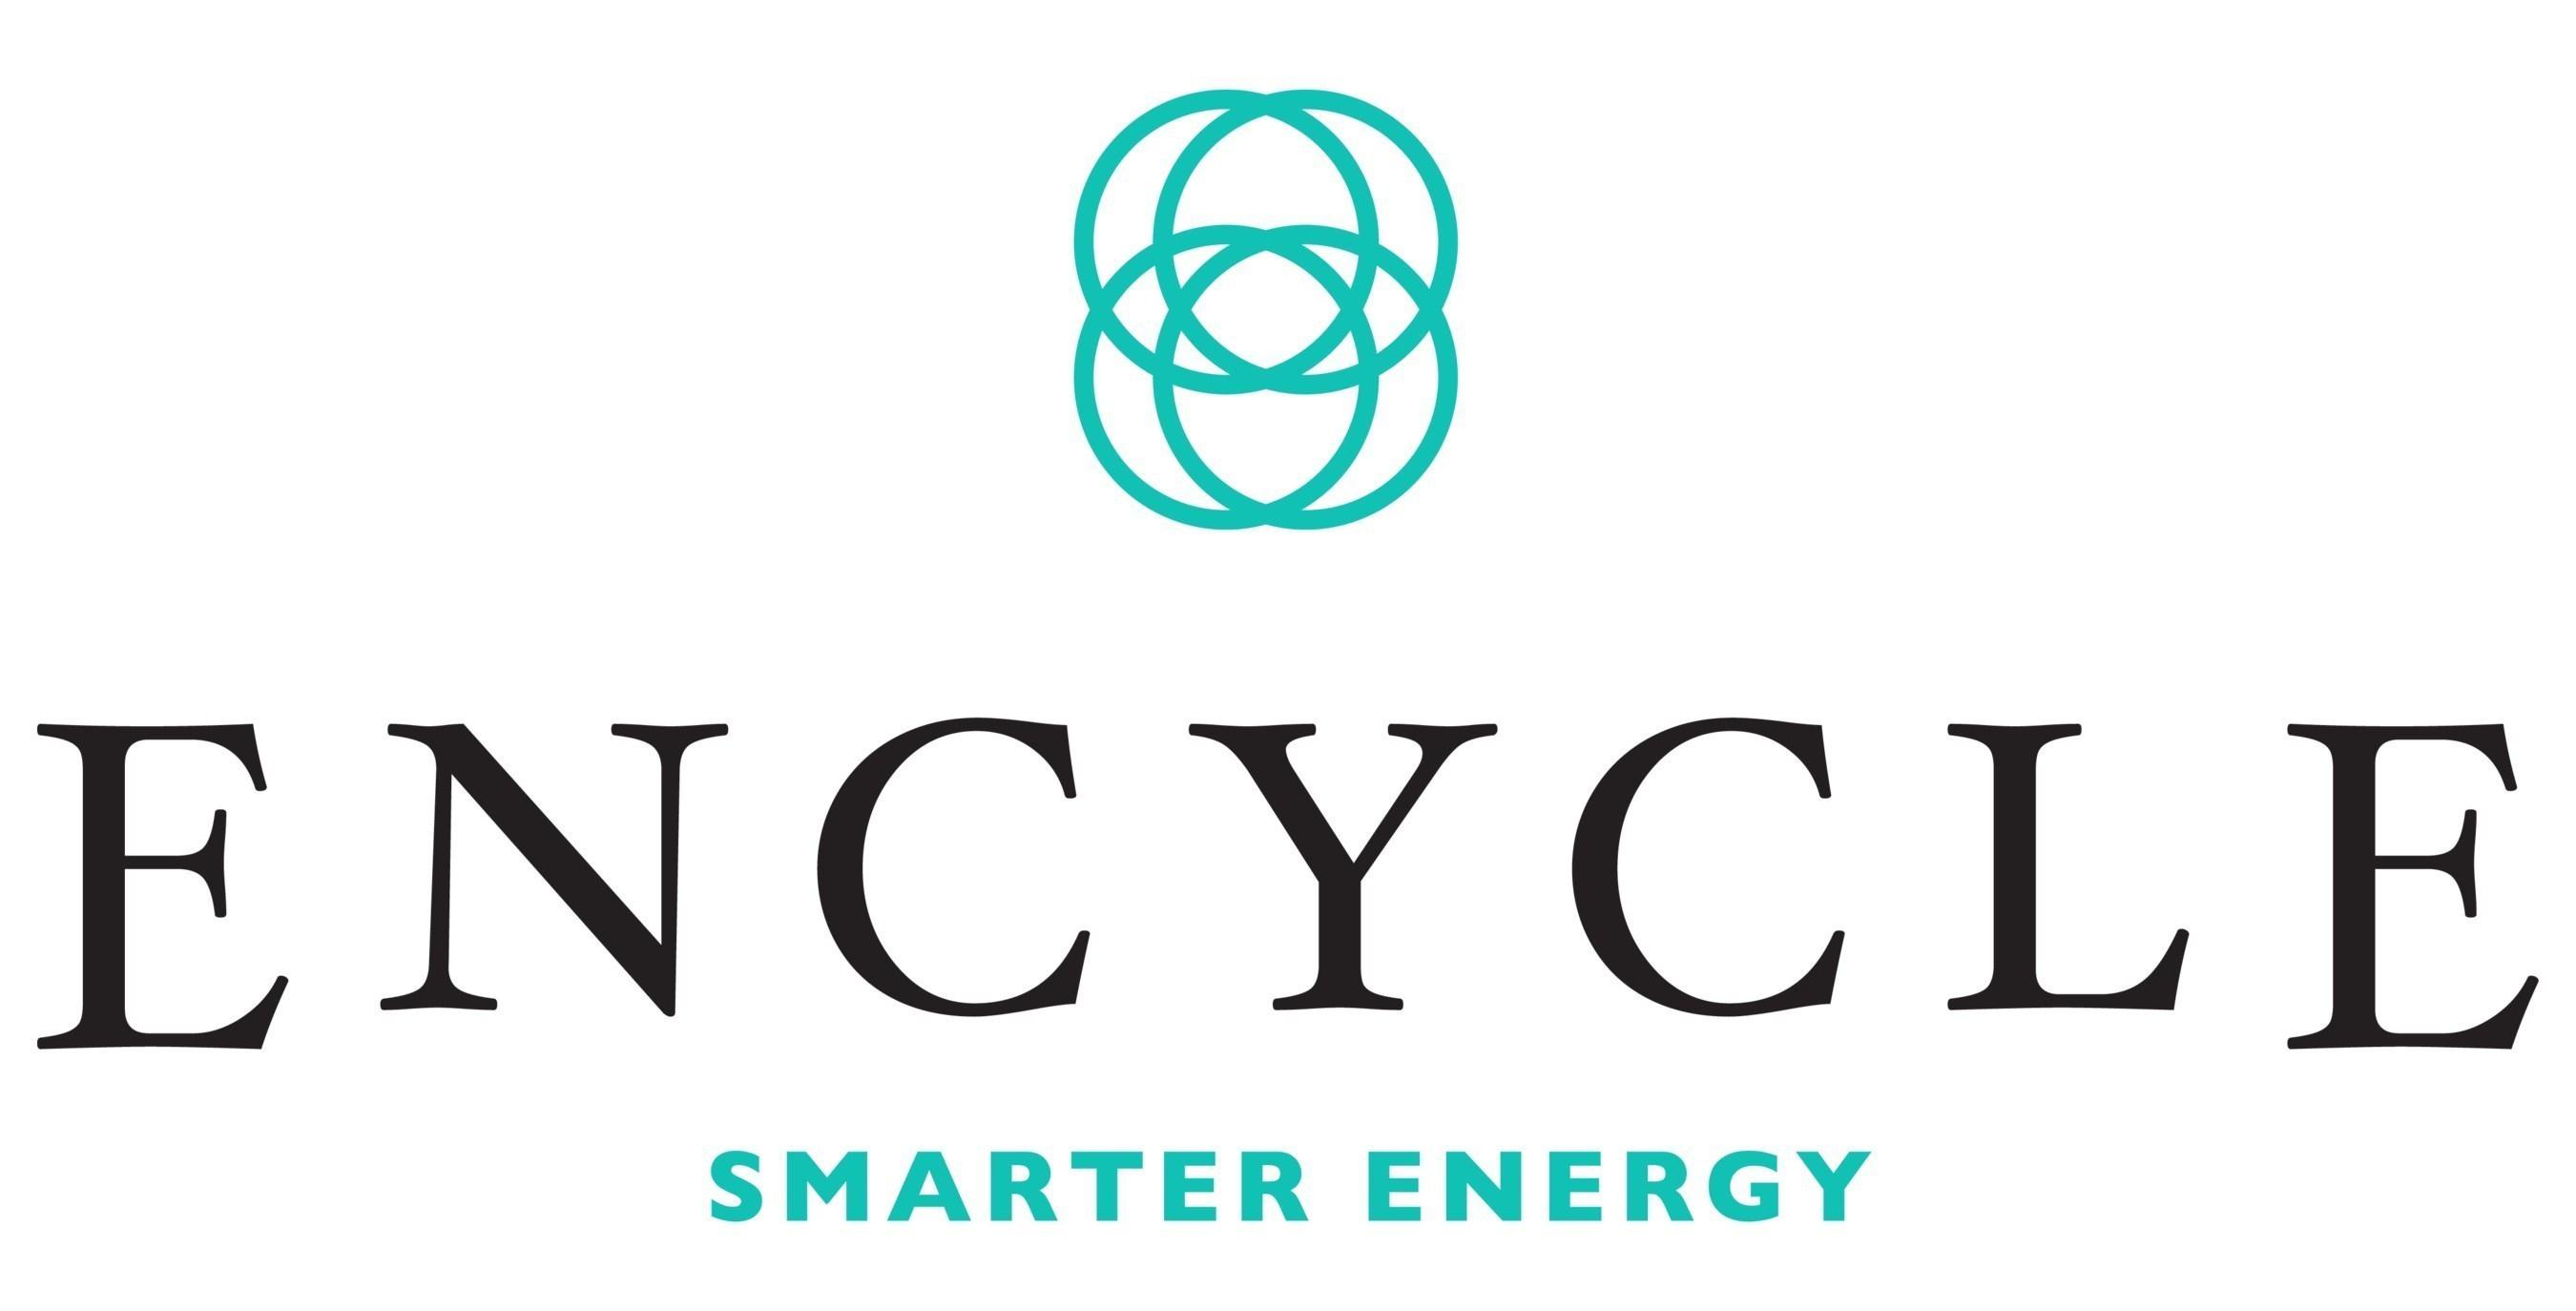 Encycle Logo